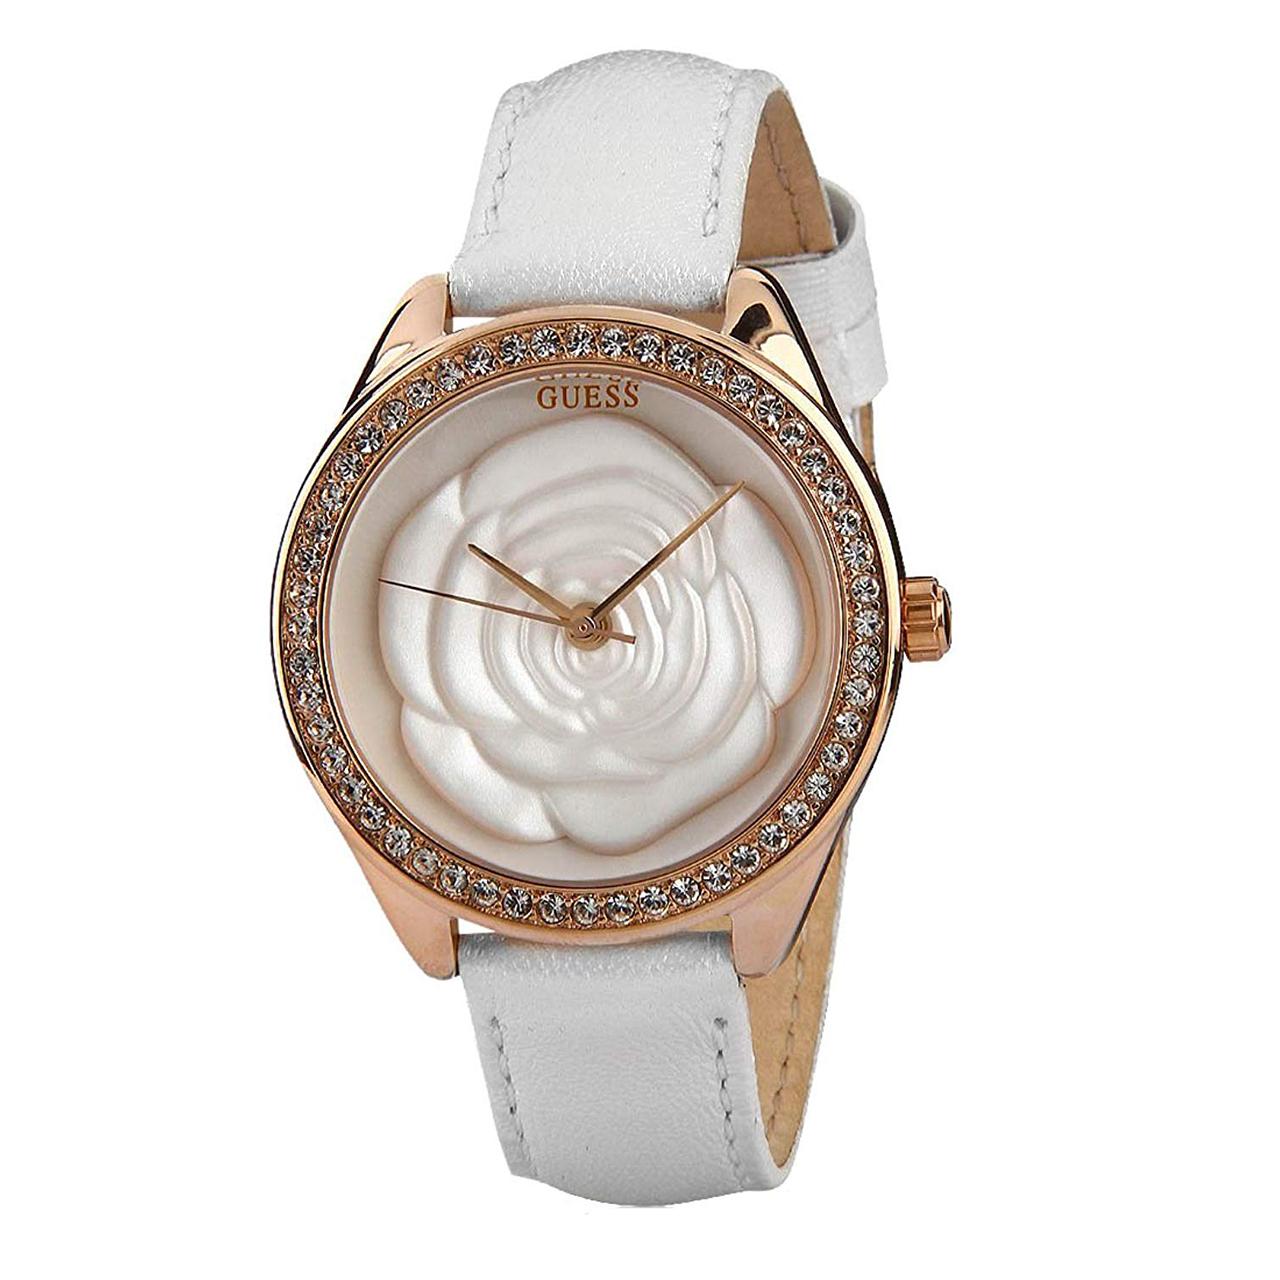 خرید ساعت مچی عقربه ای زنانه گس مدل W90083L1